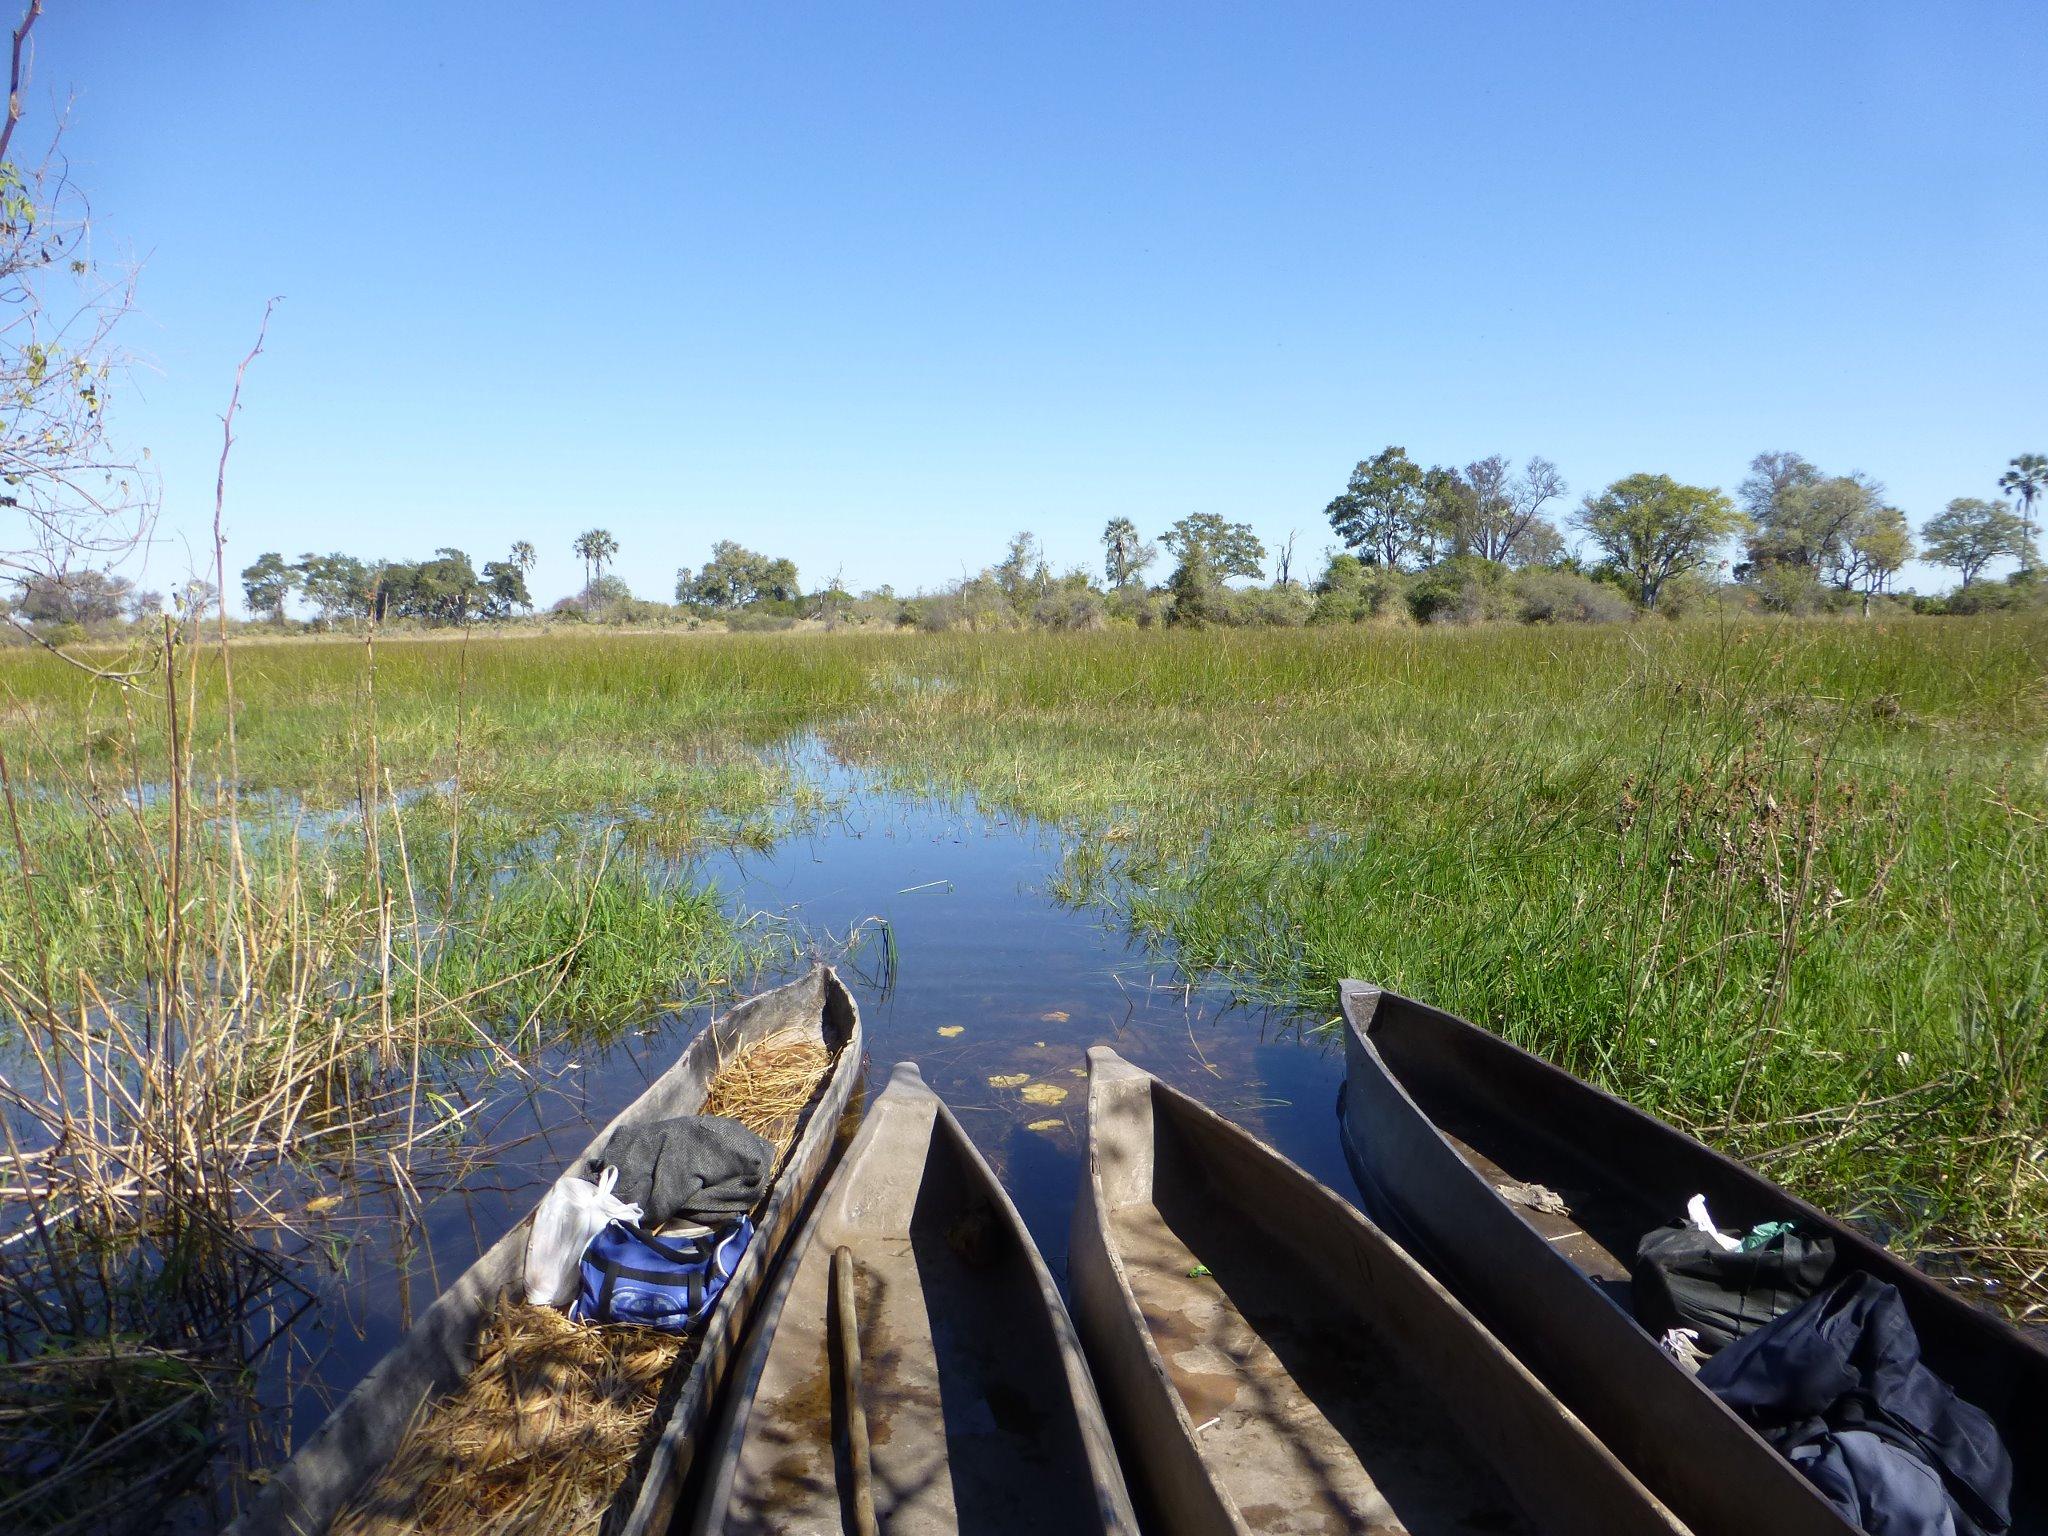 mokoros-okavango-delta-botswana